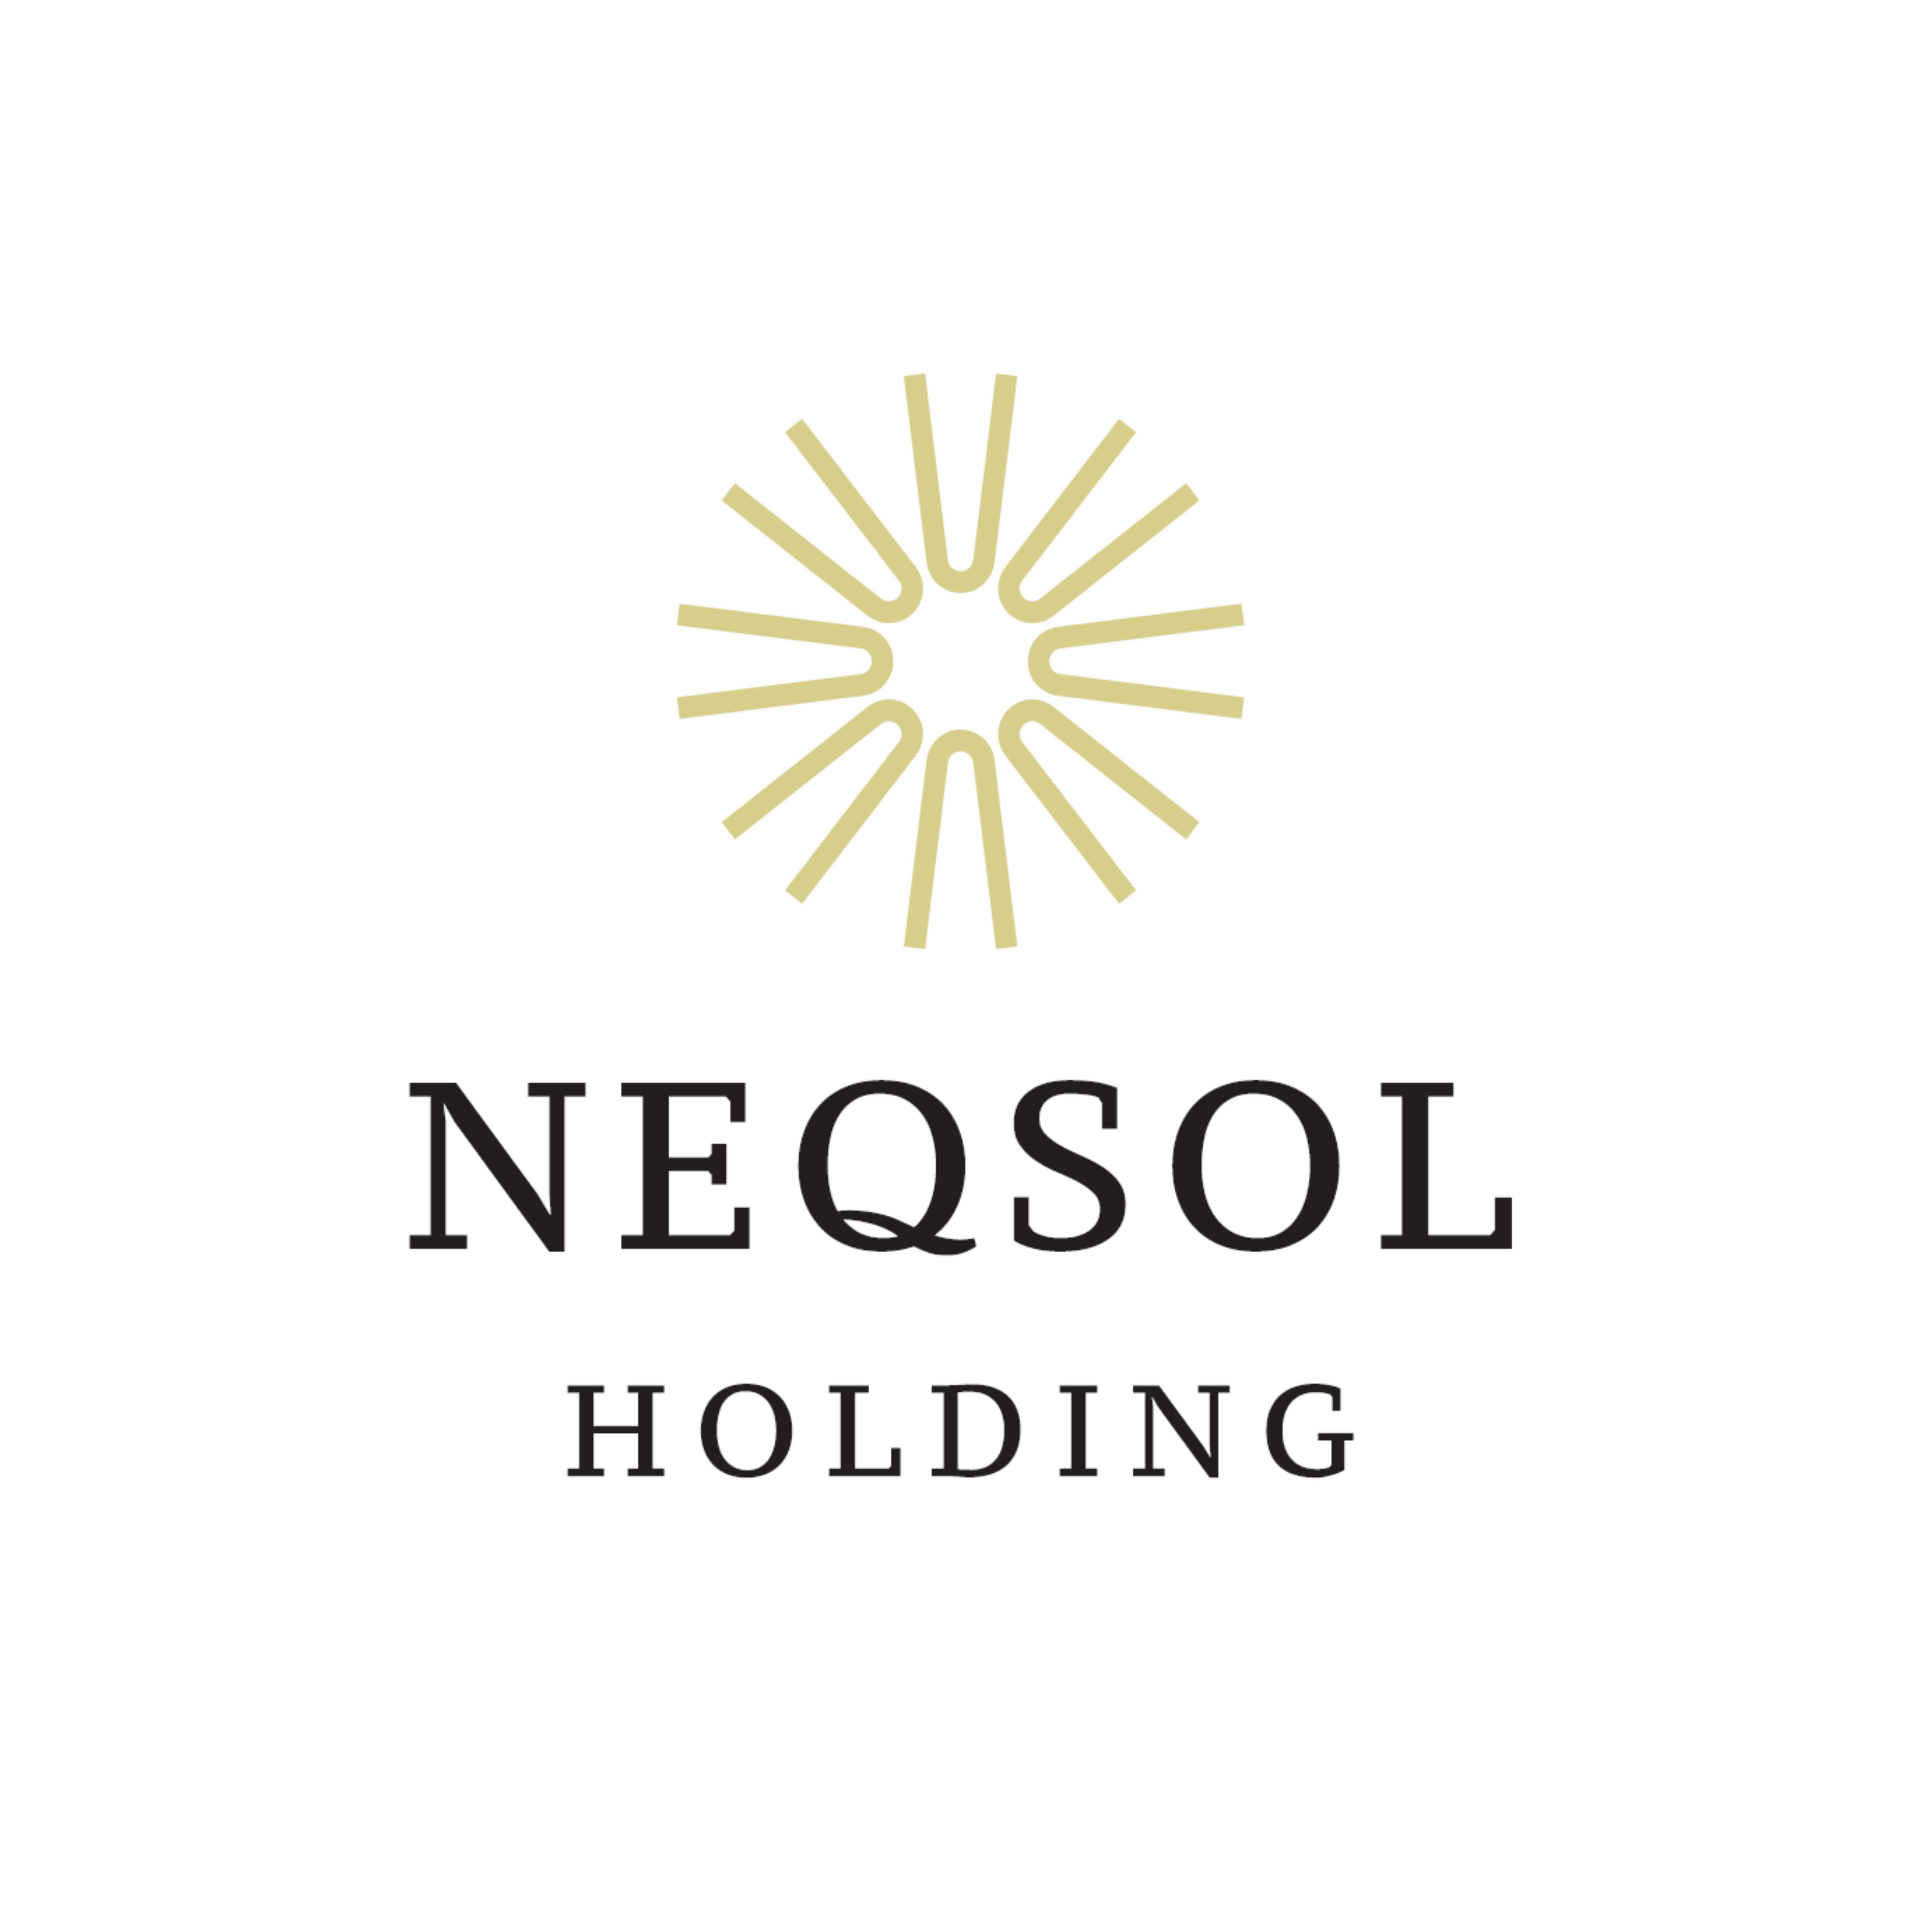 Компания в составе NEQSOL Holding впервые разместила облигации по самой низкой цене в объеме $500 млн.